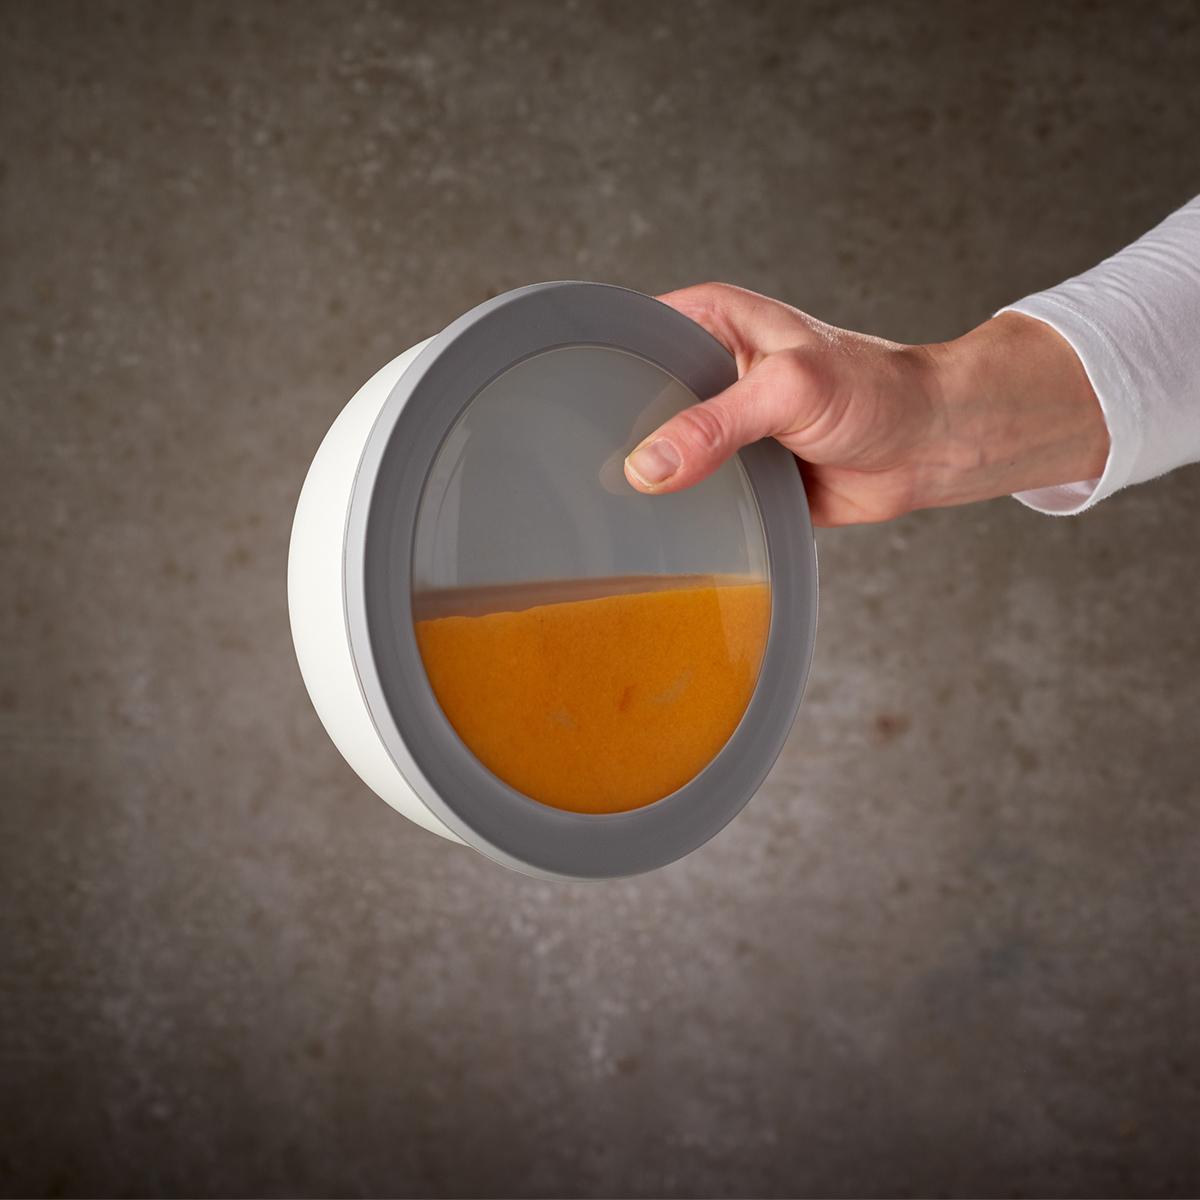 """汁漏れしない「マルチボウル」 《1250ml》2~3人分のパスタに。レンジで温めて、そのまま食卓に出せる""""汁漏れしない""""ボウル MEPAL CIRQULA"""